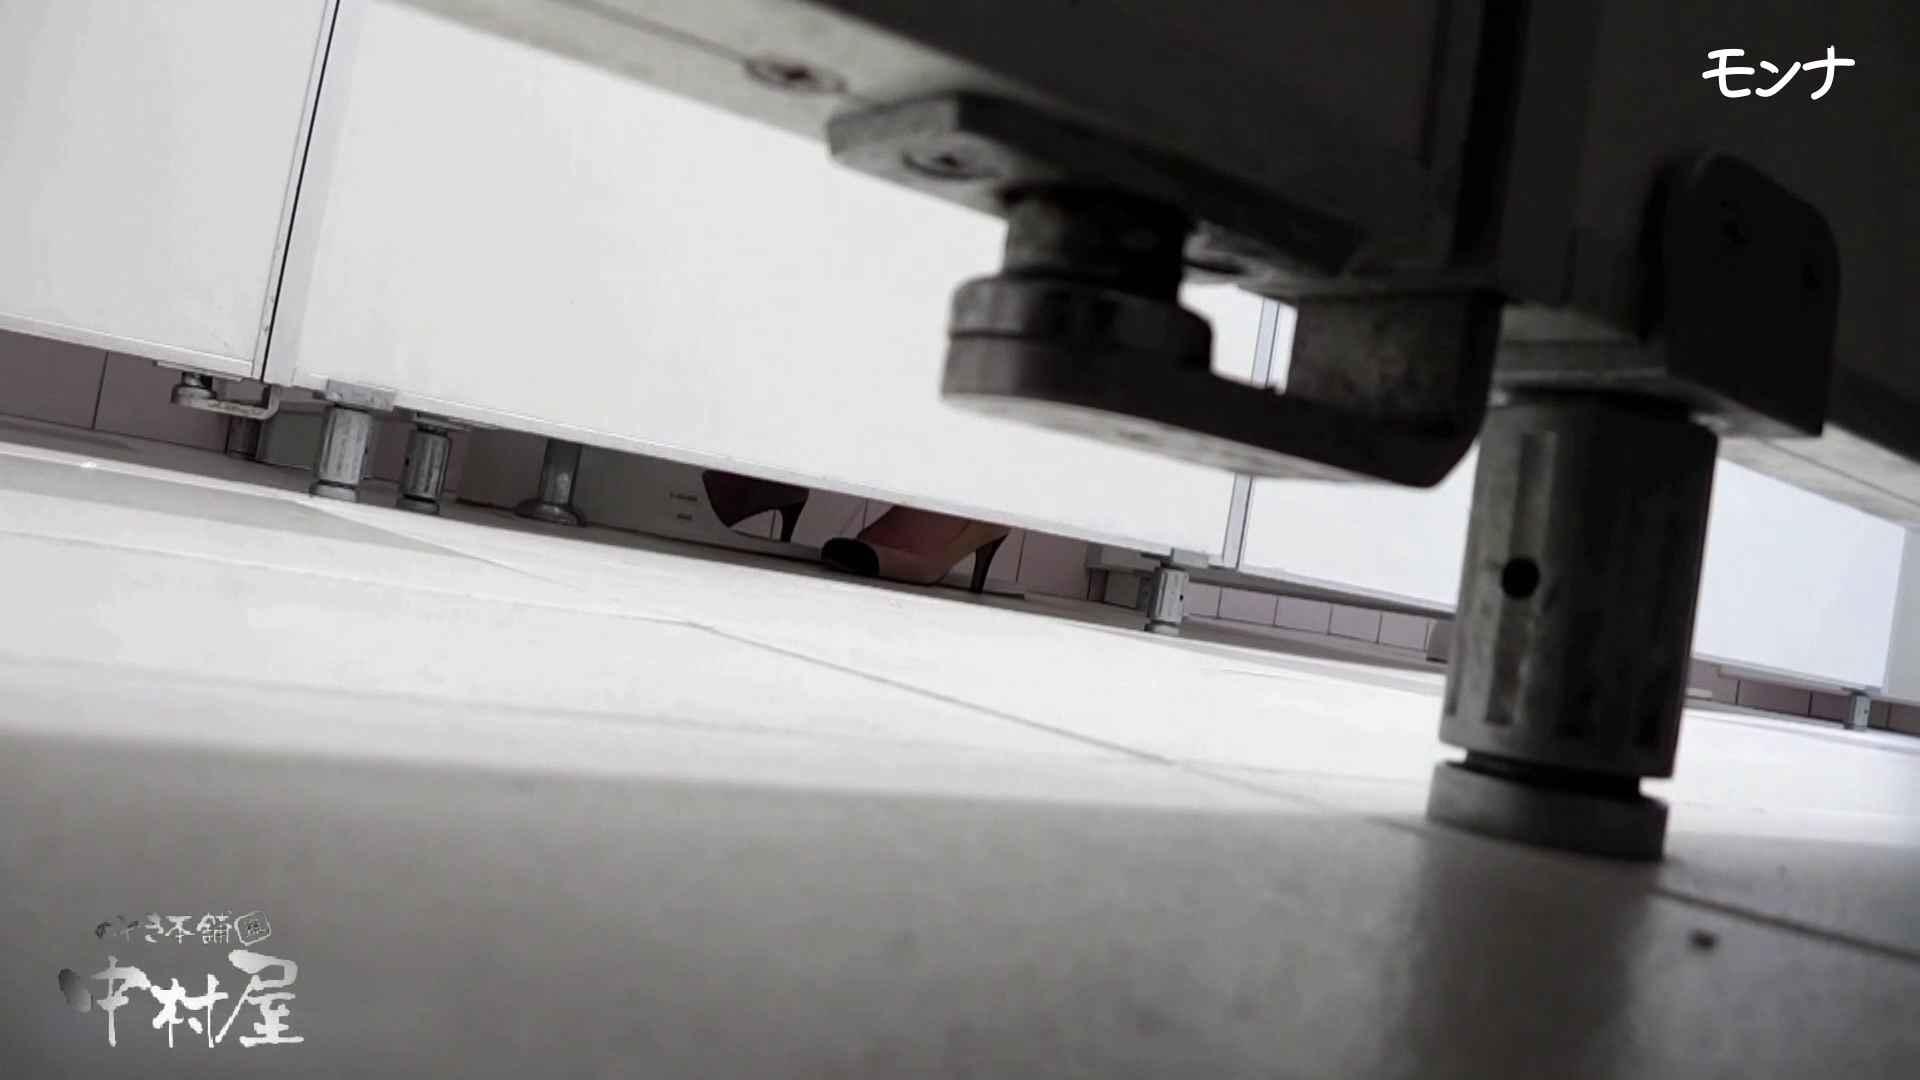 【美しい日本の未来】美しい日本の未来 No.70 若さゆえの美しい丸み 盗撮 盗み撮り動画キャプチャ 81連発 57